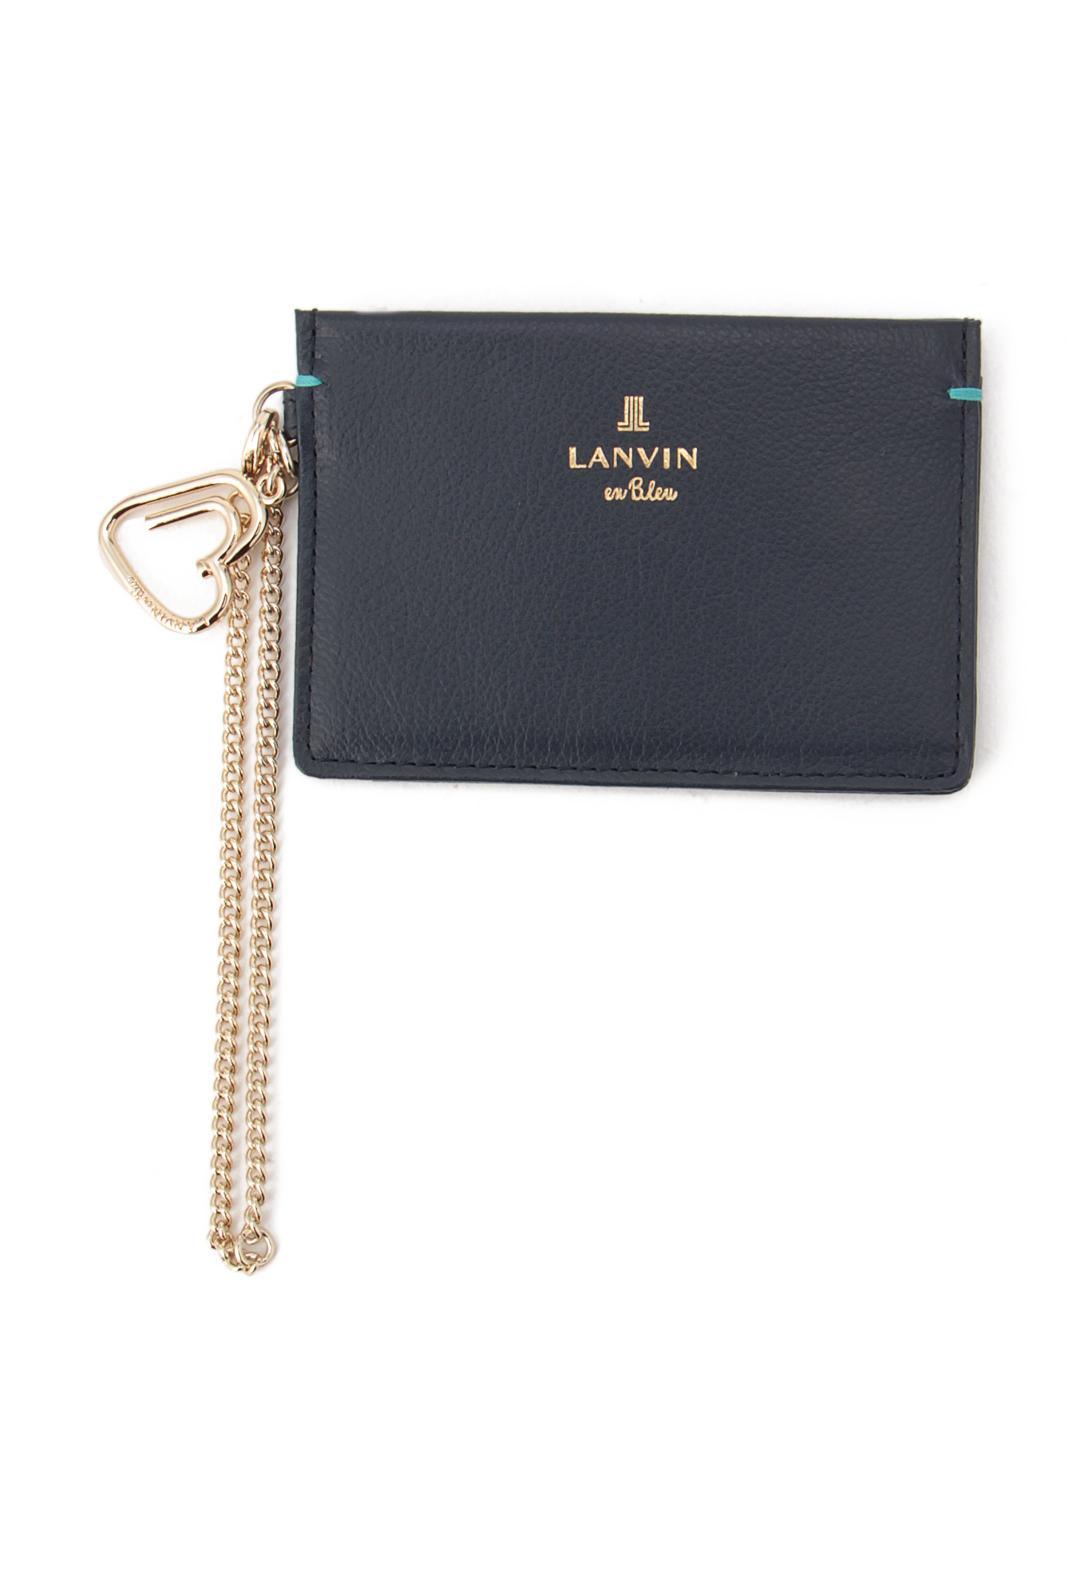 0d619a23363e LANVIN en Bleu(BAG)(ランバンオンブルー) | LANVIN en Bleu ランバン